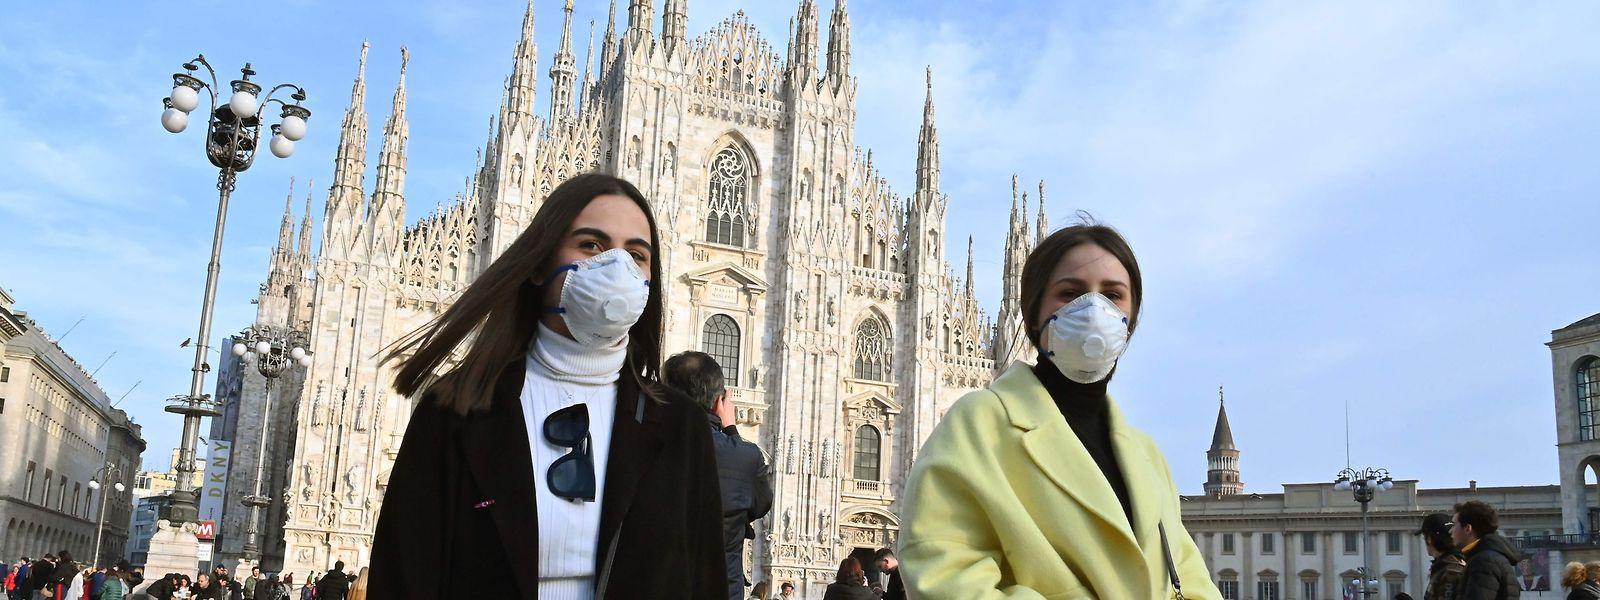 A Milan, écoles, universités, mais aussi musées, cinémas et théâtres dont la prestigieuse Scala seront fermés